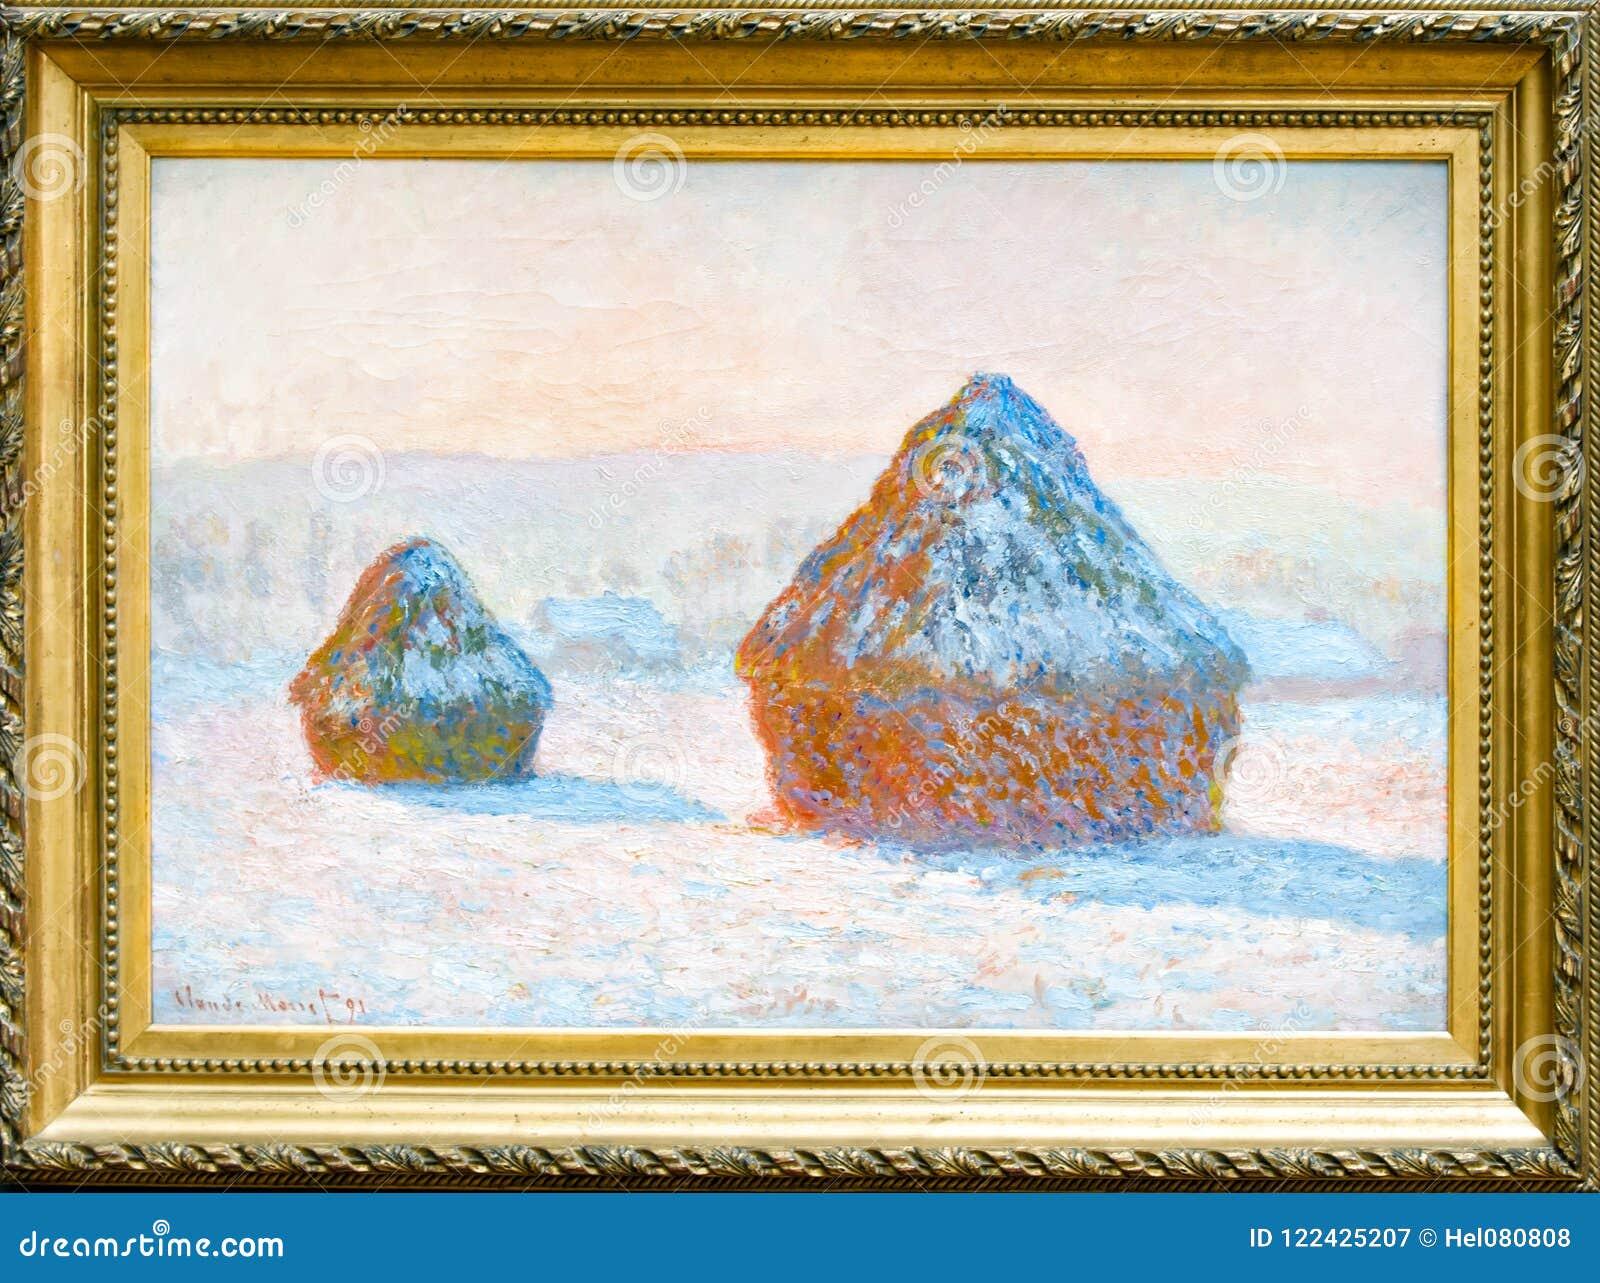 Claude Monet, Wheatstacks, Efecto De La Nieve, Pintura Impresionista ...